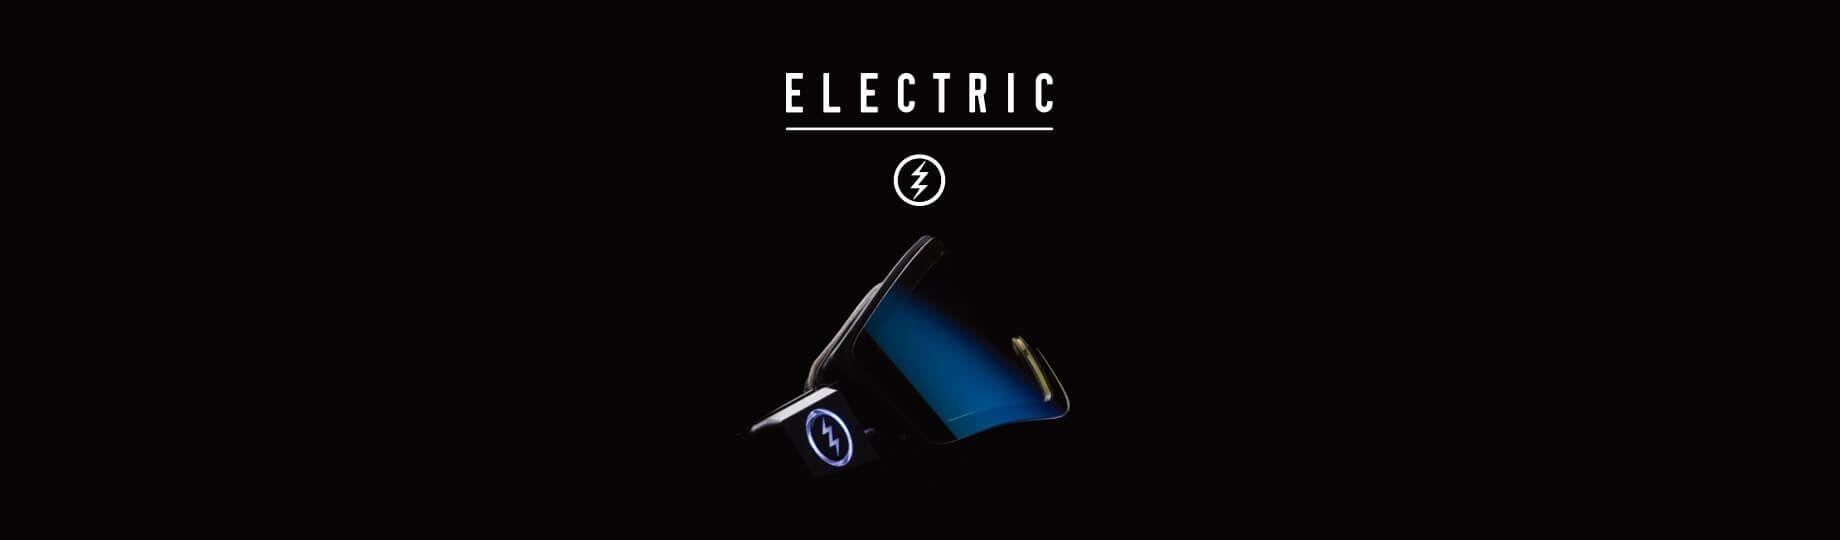 ELECTRICメイン画像